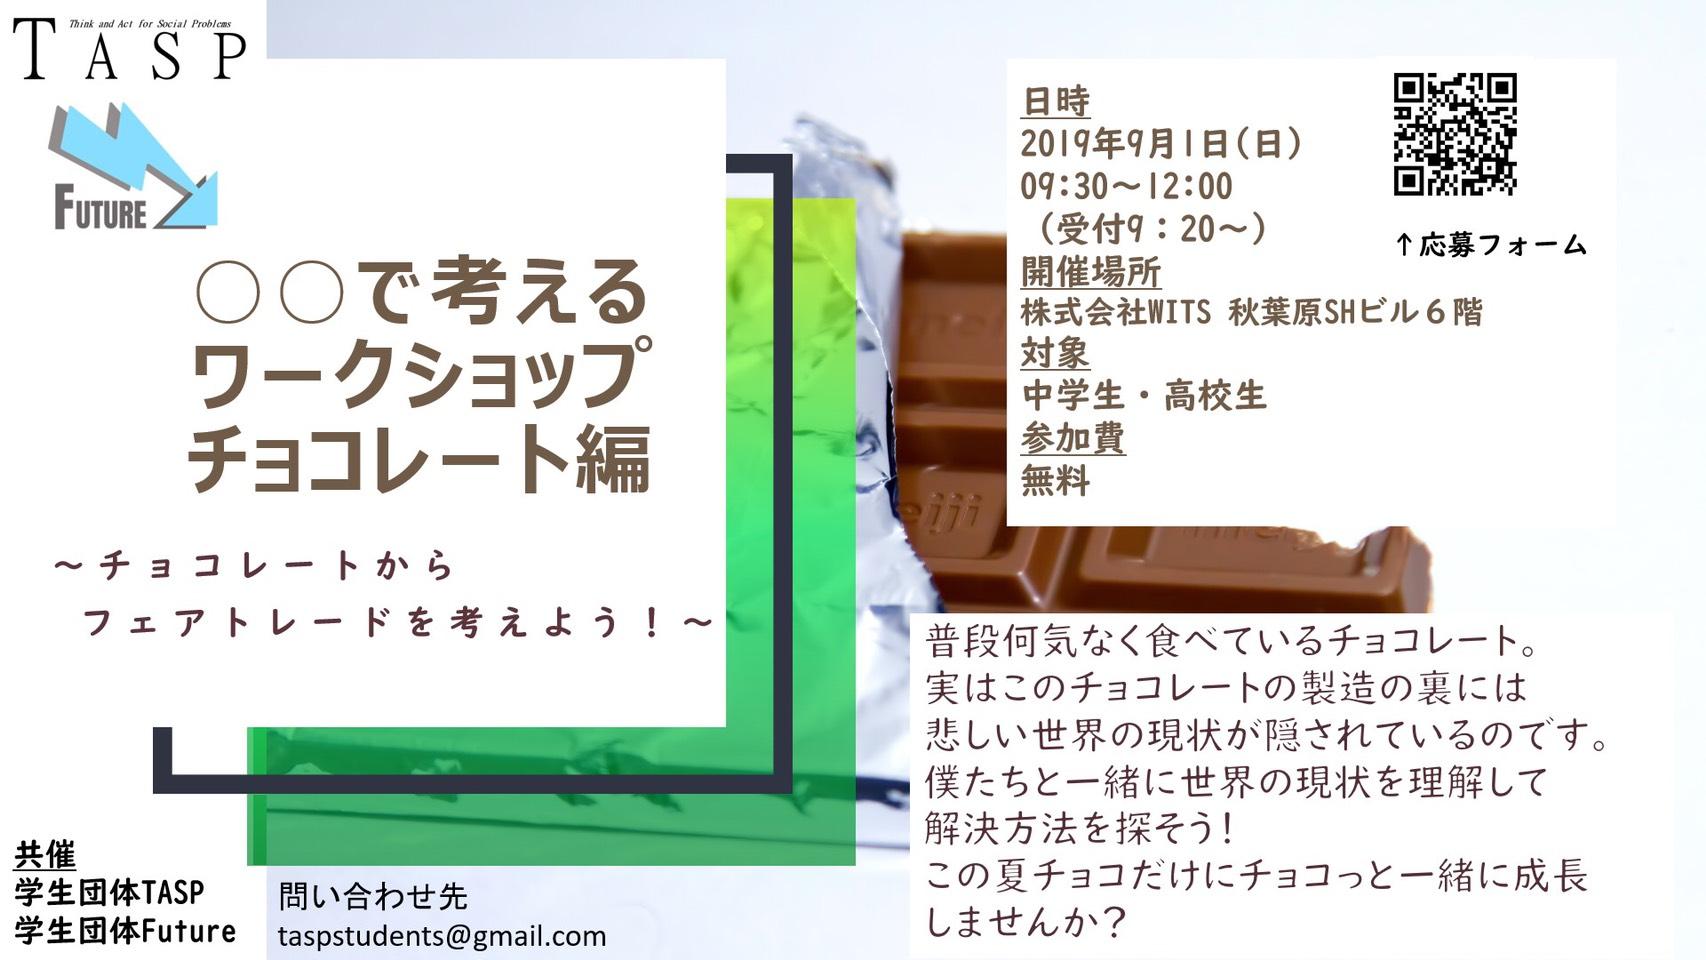 ◯◯で考えるワークショップ チョコレート編〜チョコレートからフェアトレードを考えよう!〜